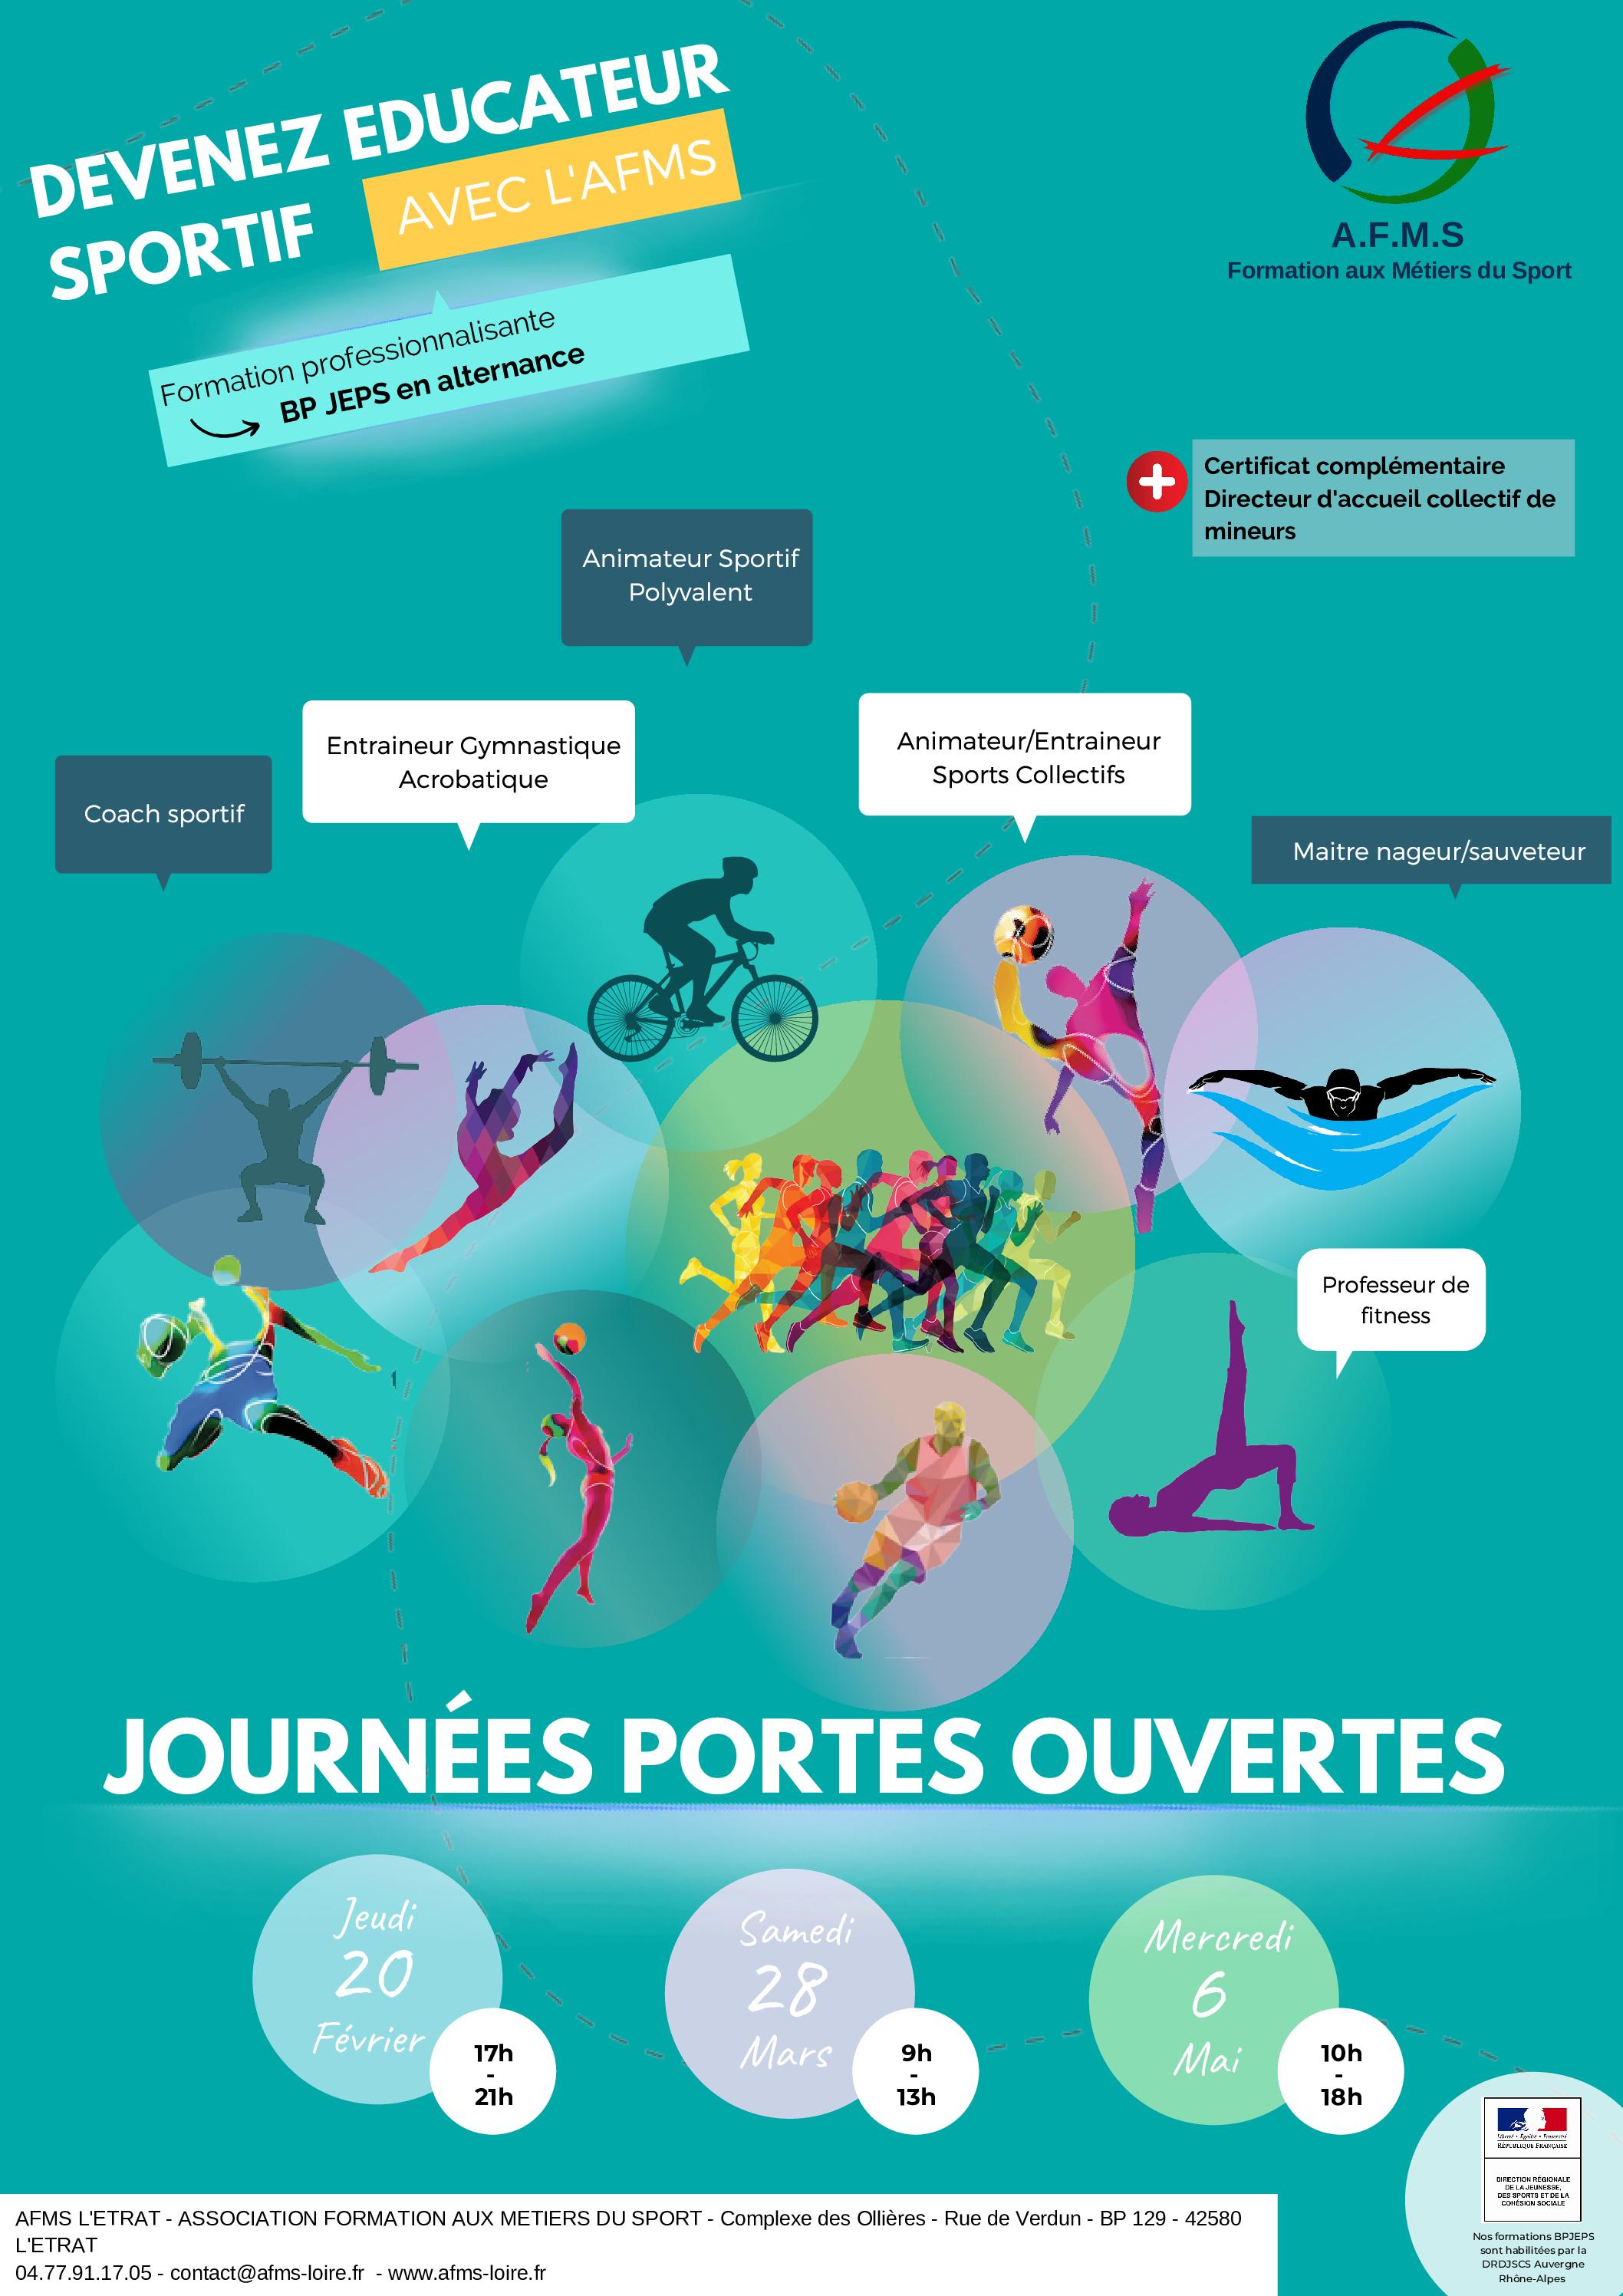 JOURNEES PORTES OUVERTES 2020 !!